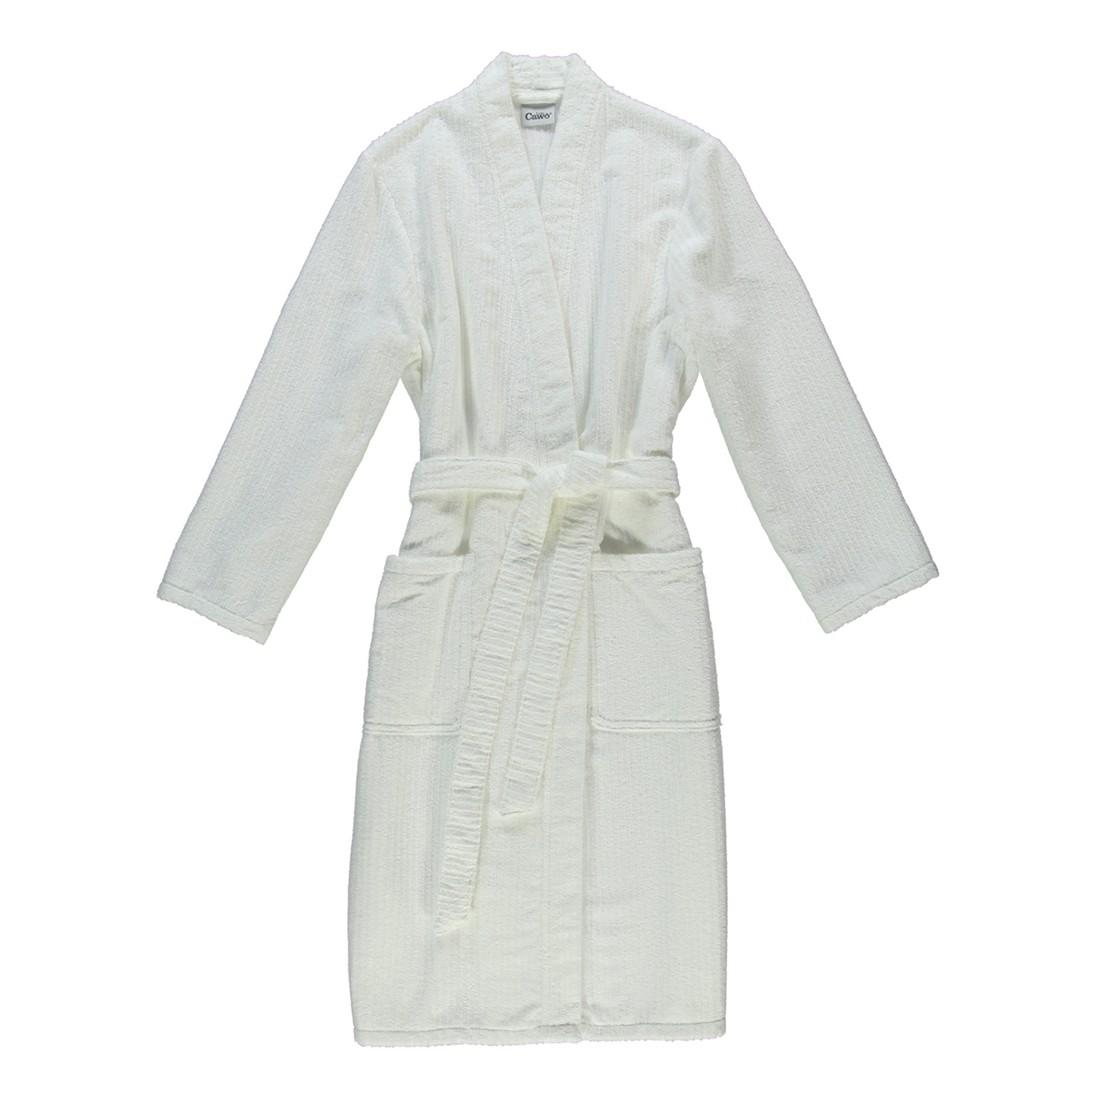 Bademantel Contour 1632 – Herren – 100% Baumwolle Weiß – 600 – Größe: L, Cawö günstig